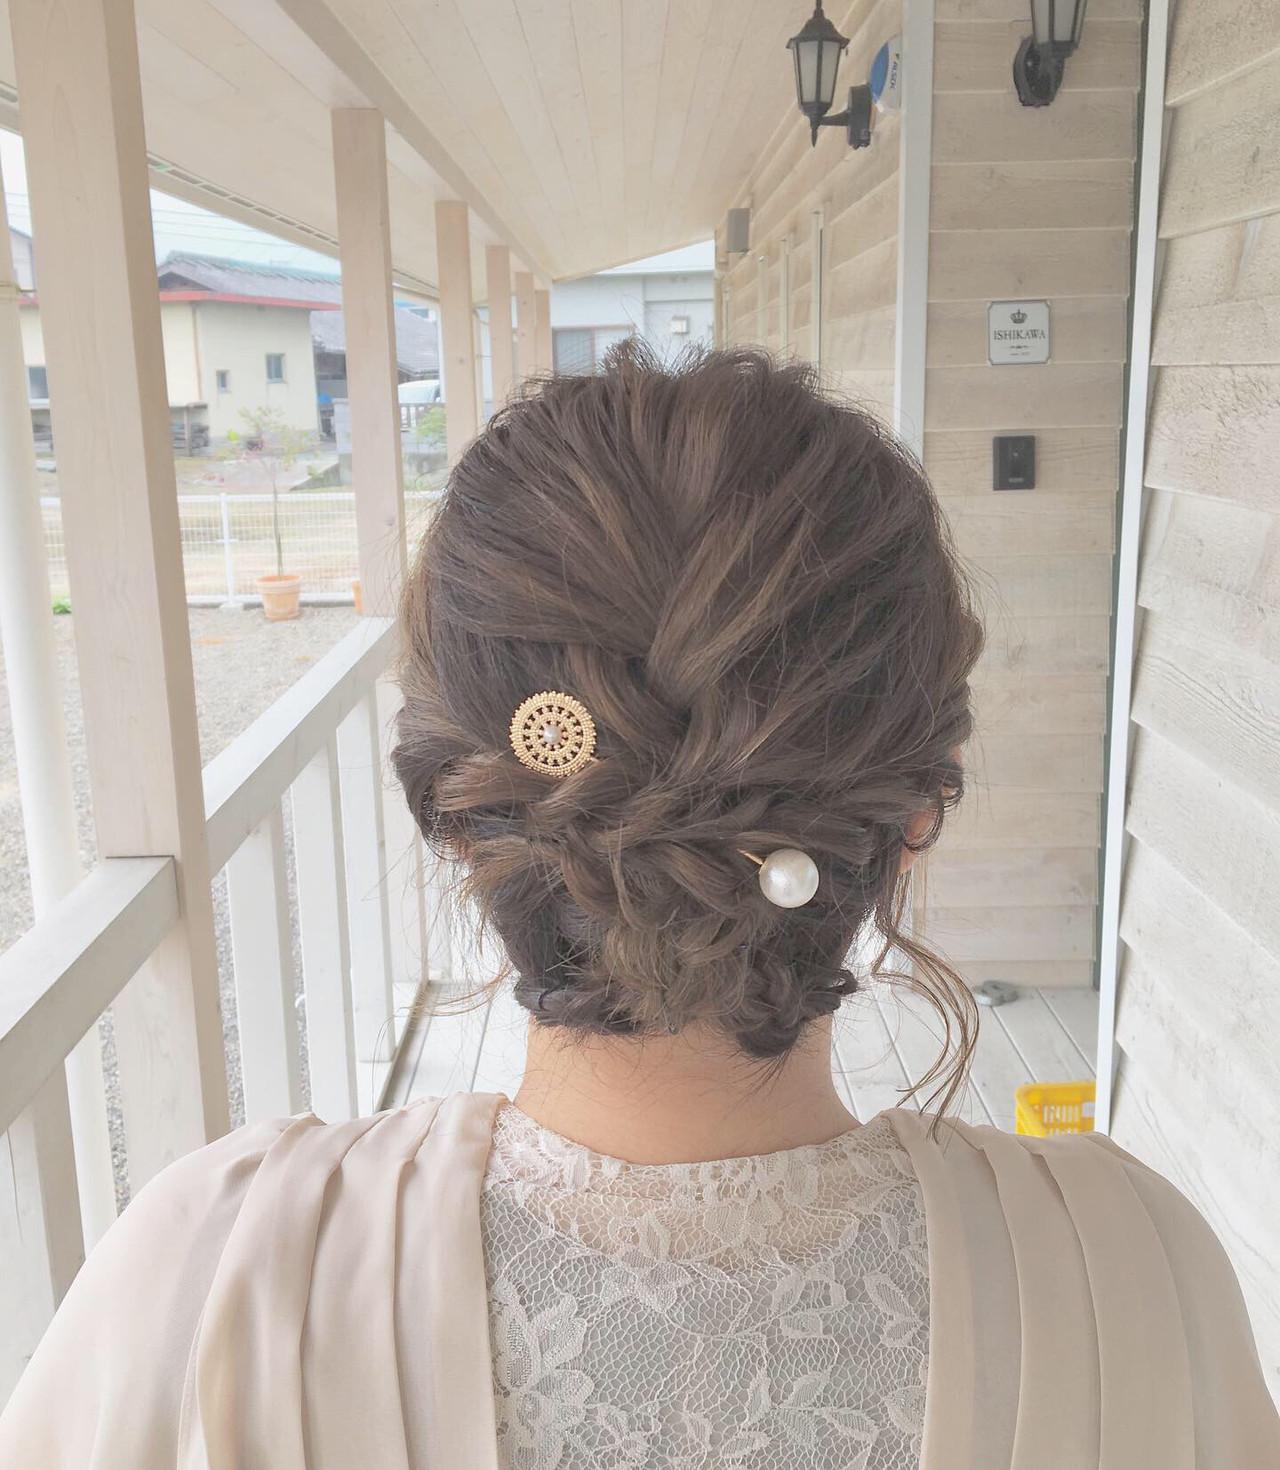 結婚式 成人式 ナチュラル ボブ ヘアスタイルや髪型の写真・画像 | MOMOKO / HairworksZEAL